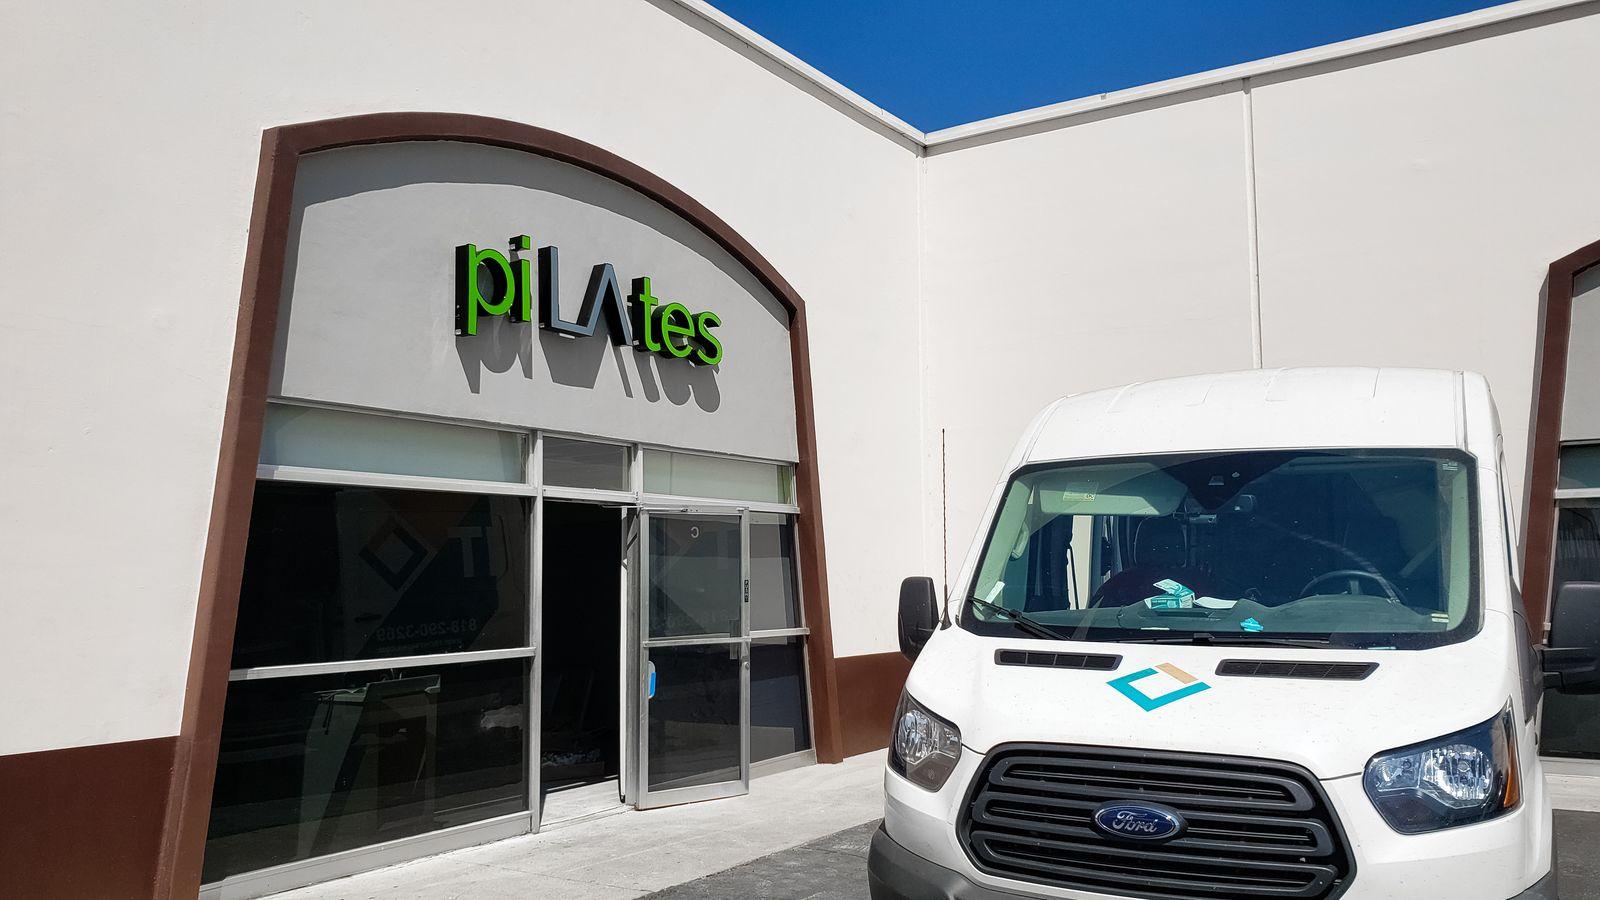 pilates led channel letters